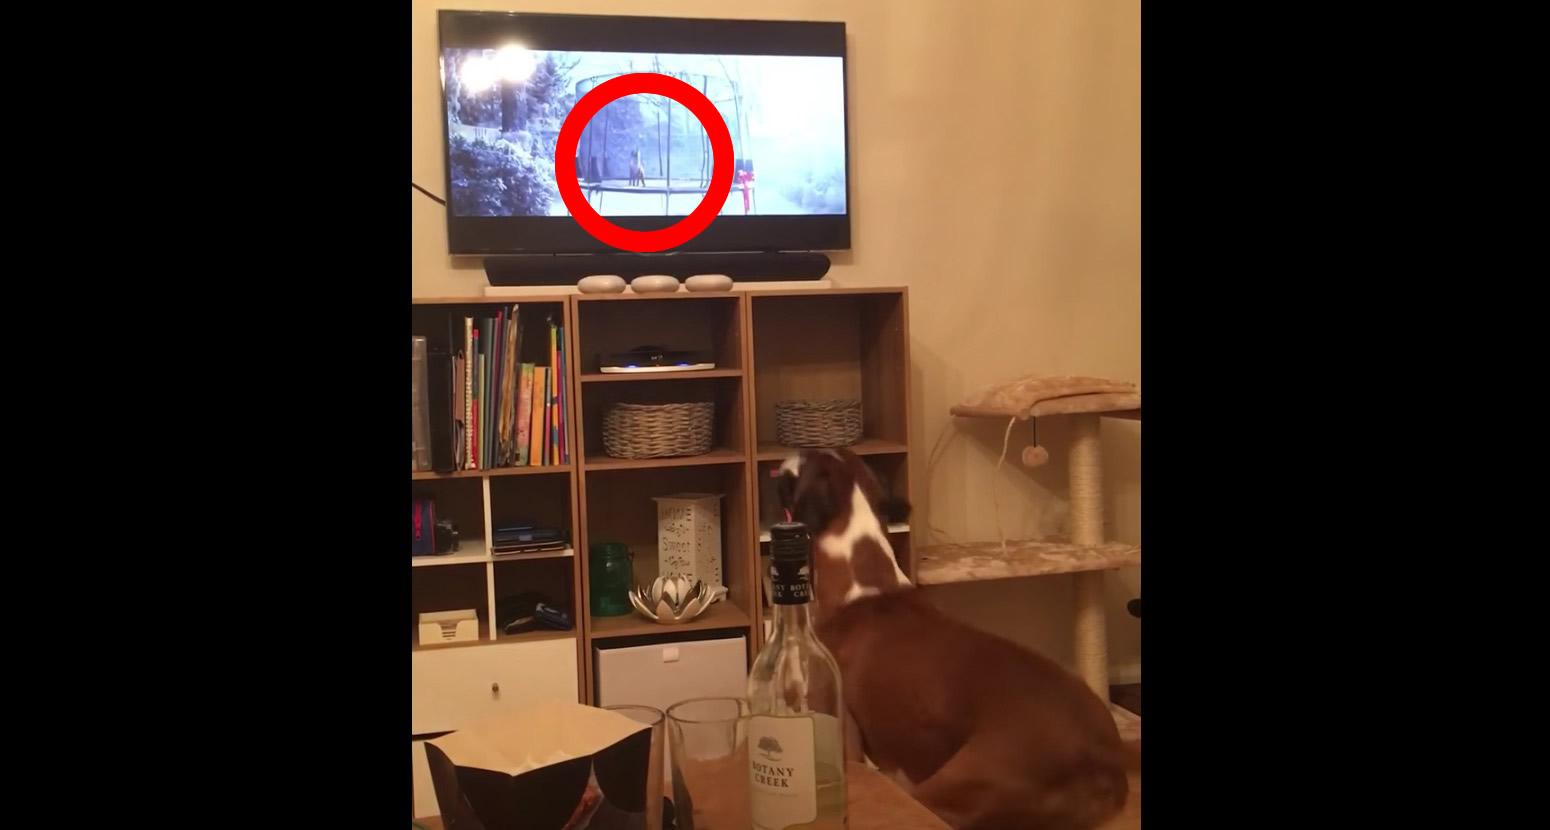 完全にシンクロw テレビでトランポリンをする犬を見た犬の反応にニヤニヤが止まらないwwwwwww